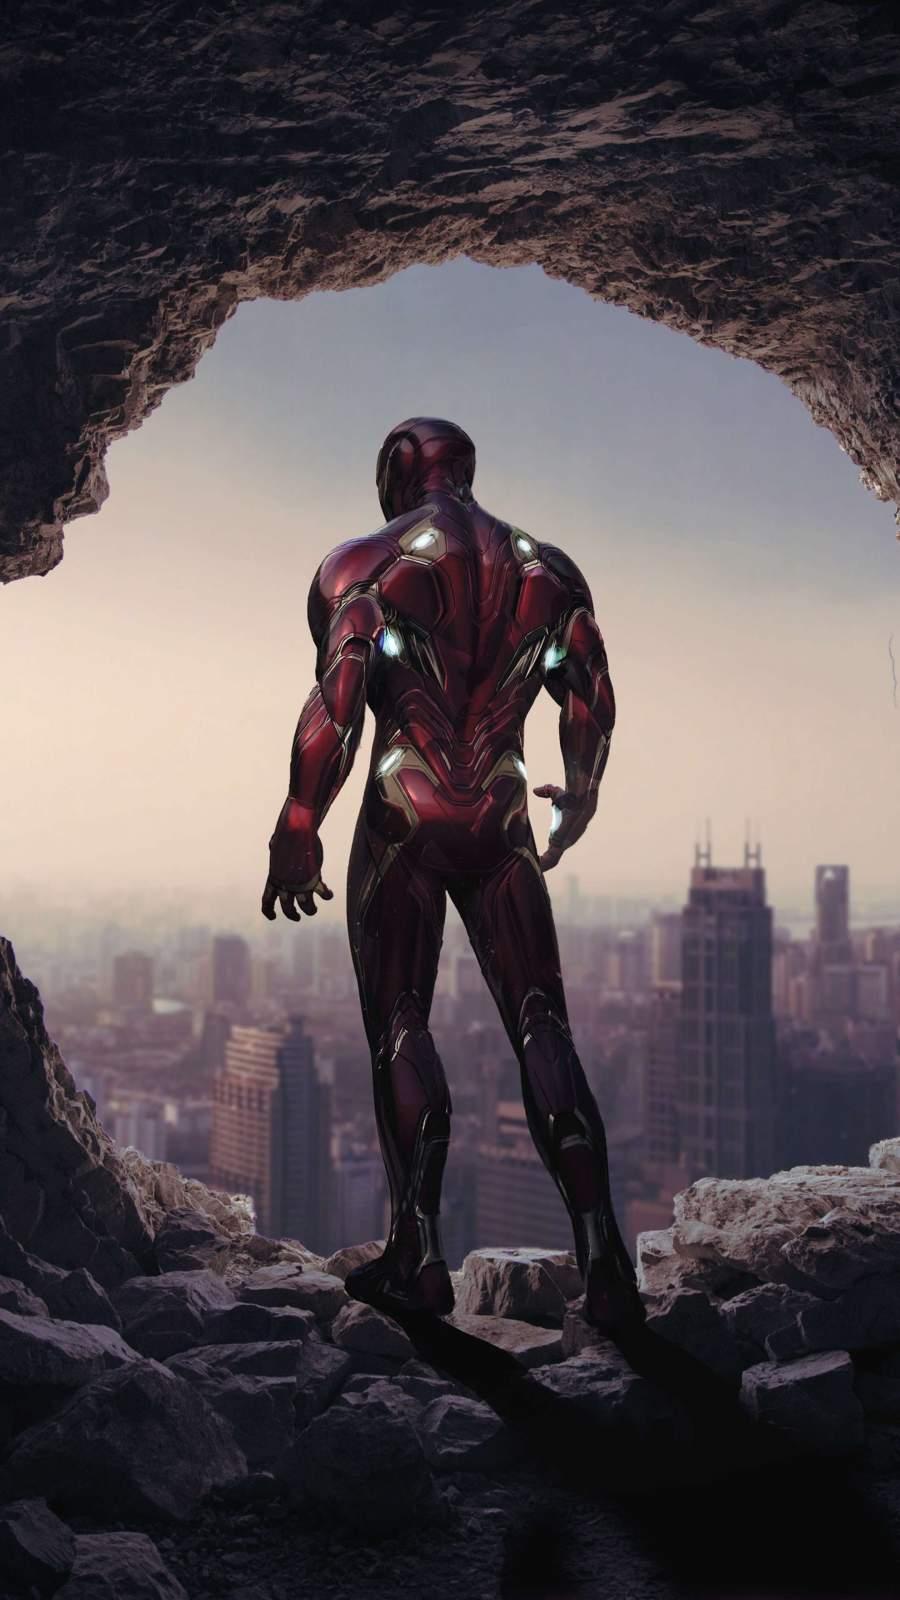 Iron Man Endgame 4k iPhone Wallpaper